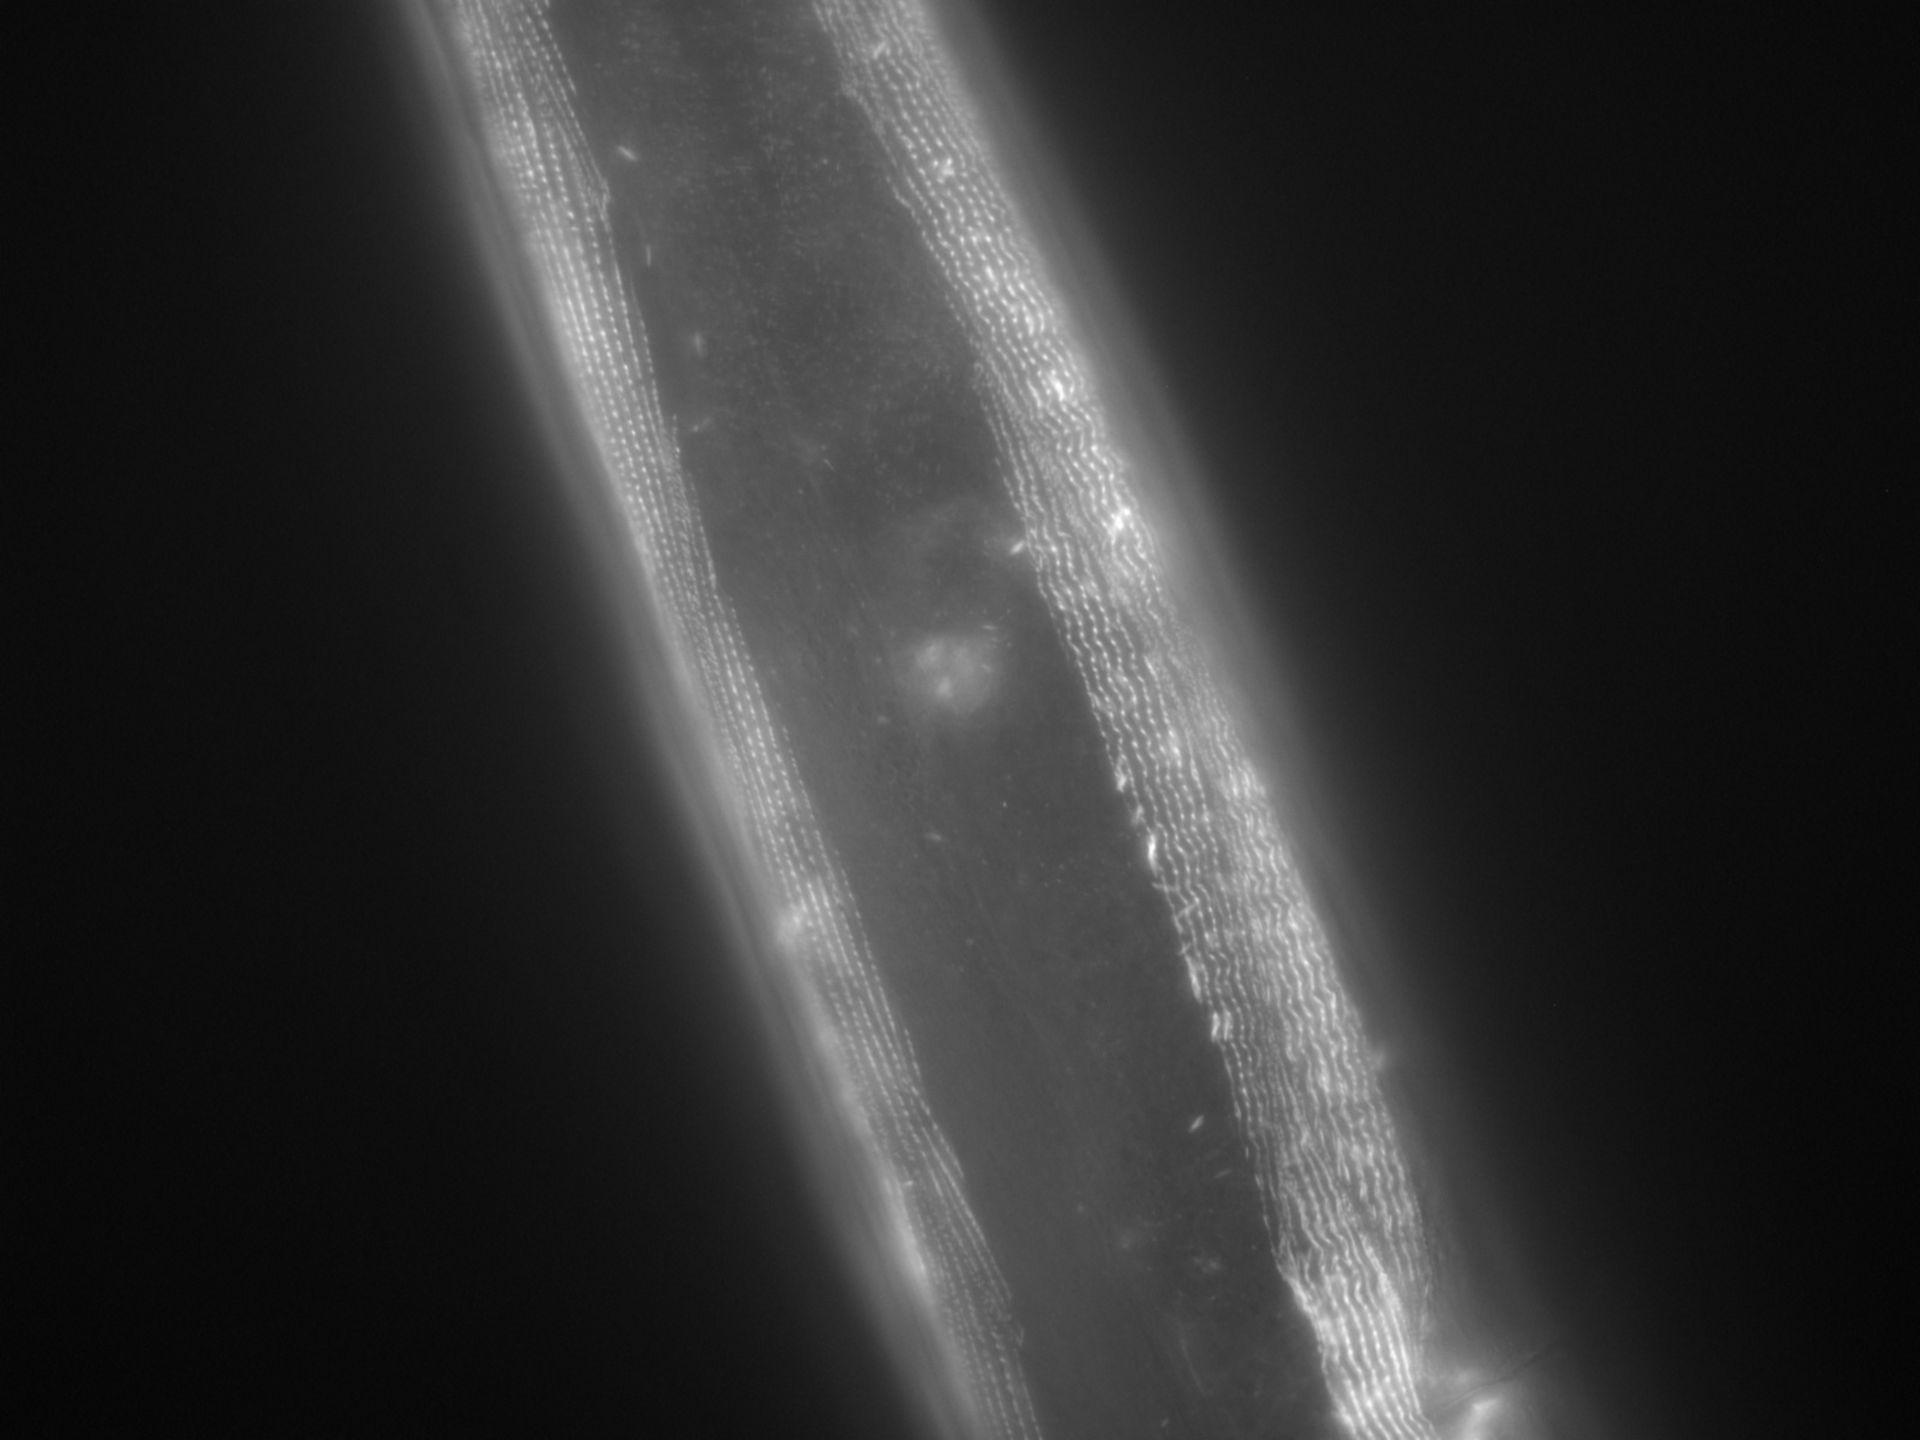 Caenorhabditis elegans (Actin filament) - CIL:1042